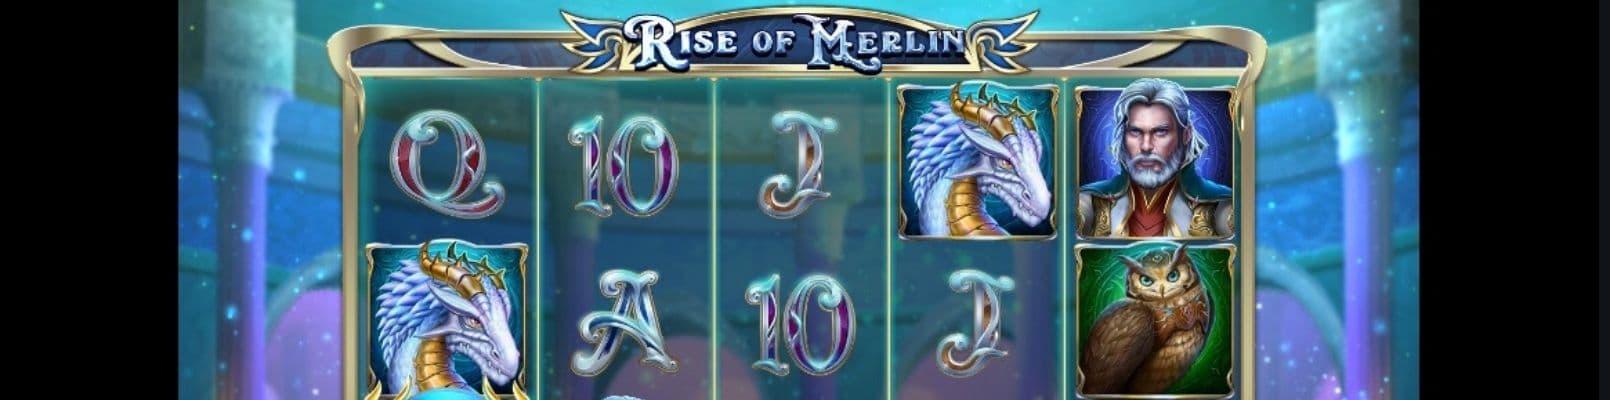 jocuri de casino simple merlin slot